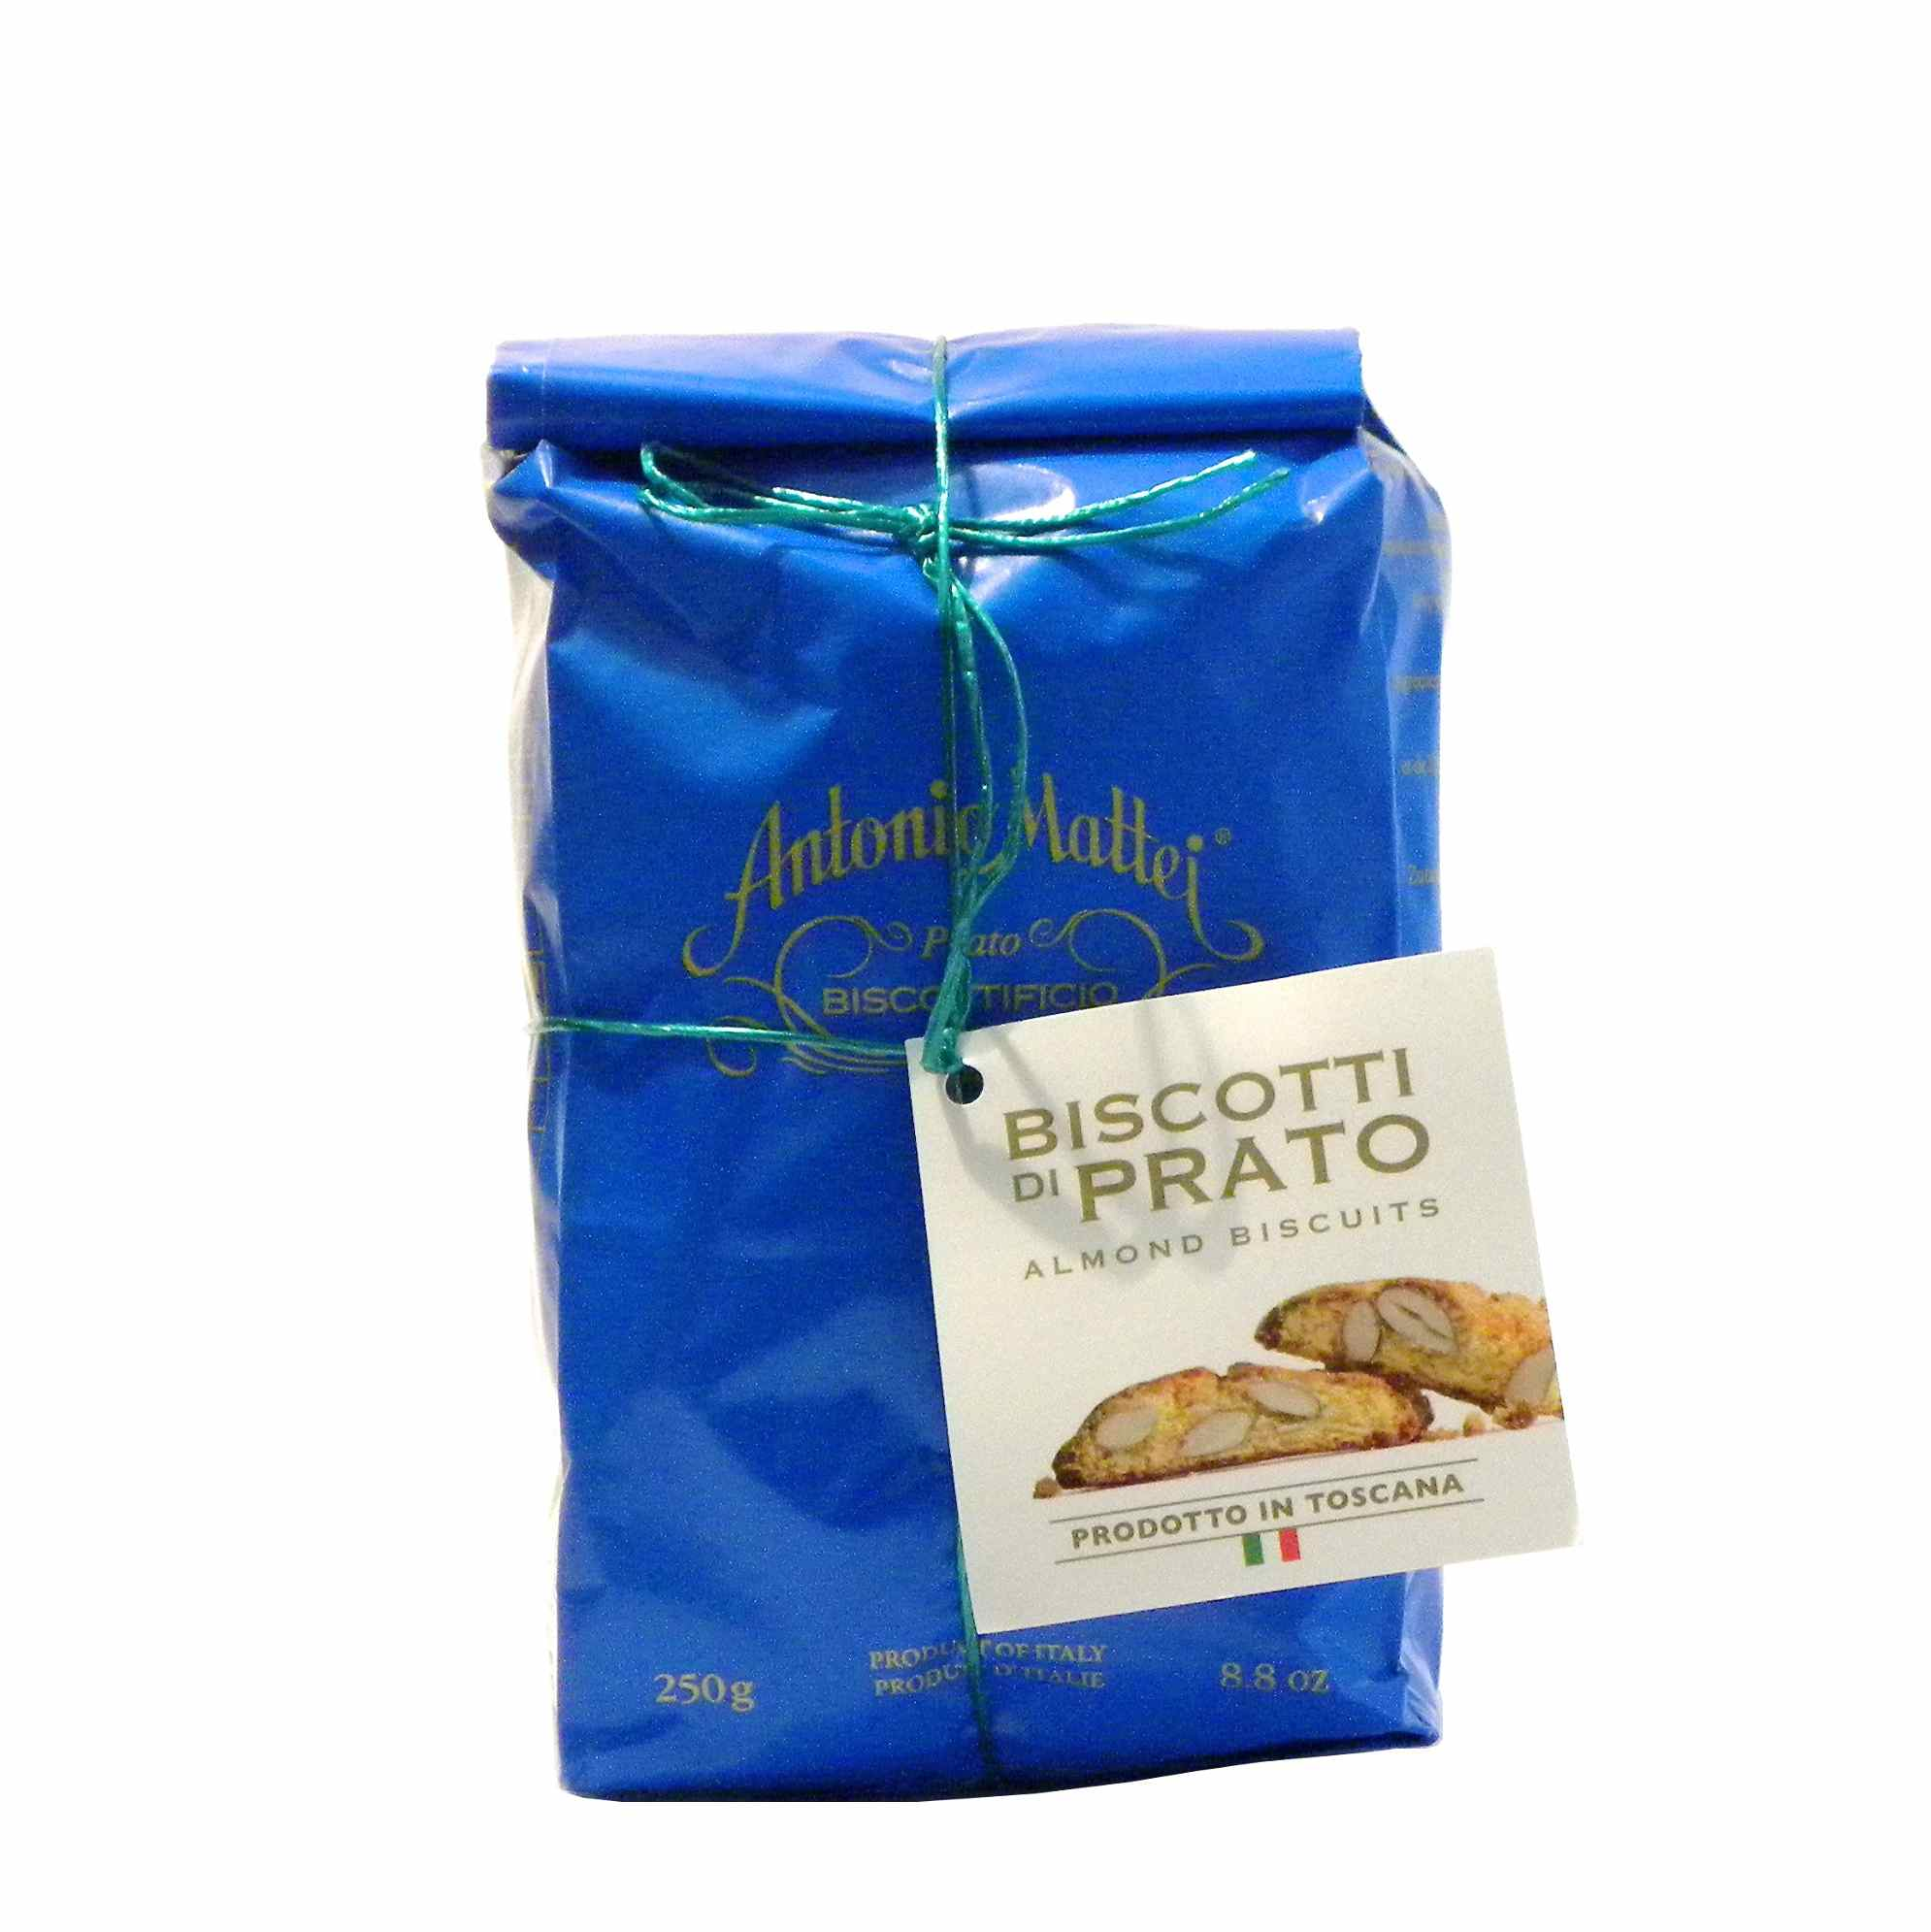 Biscotti di Prato Antonio Mattei – Antonio Mattei Almond Biscuits – Gustorotondo – Italian Food Boutique